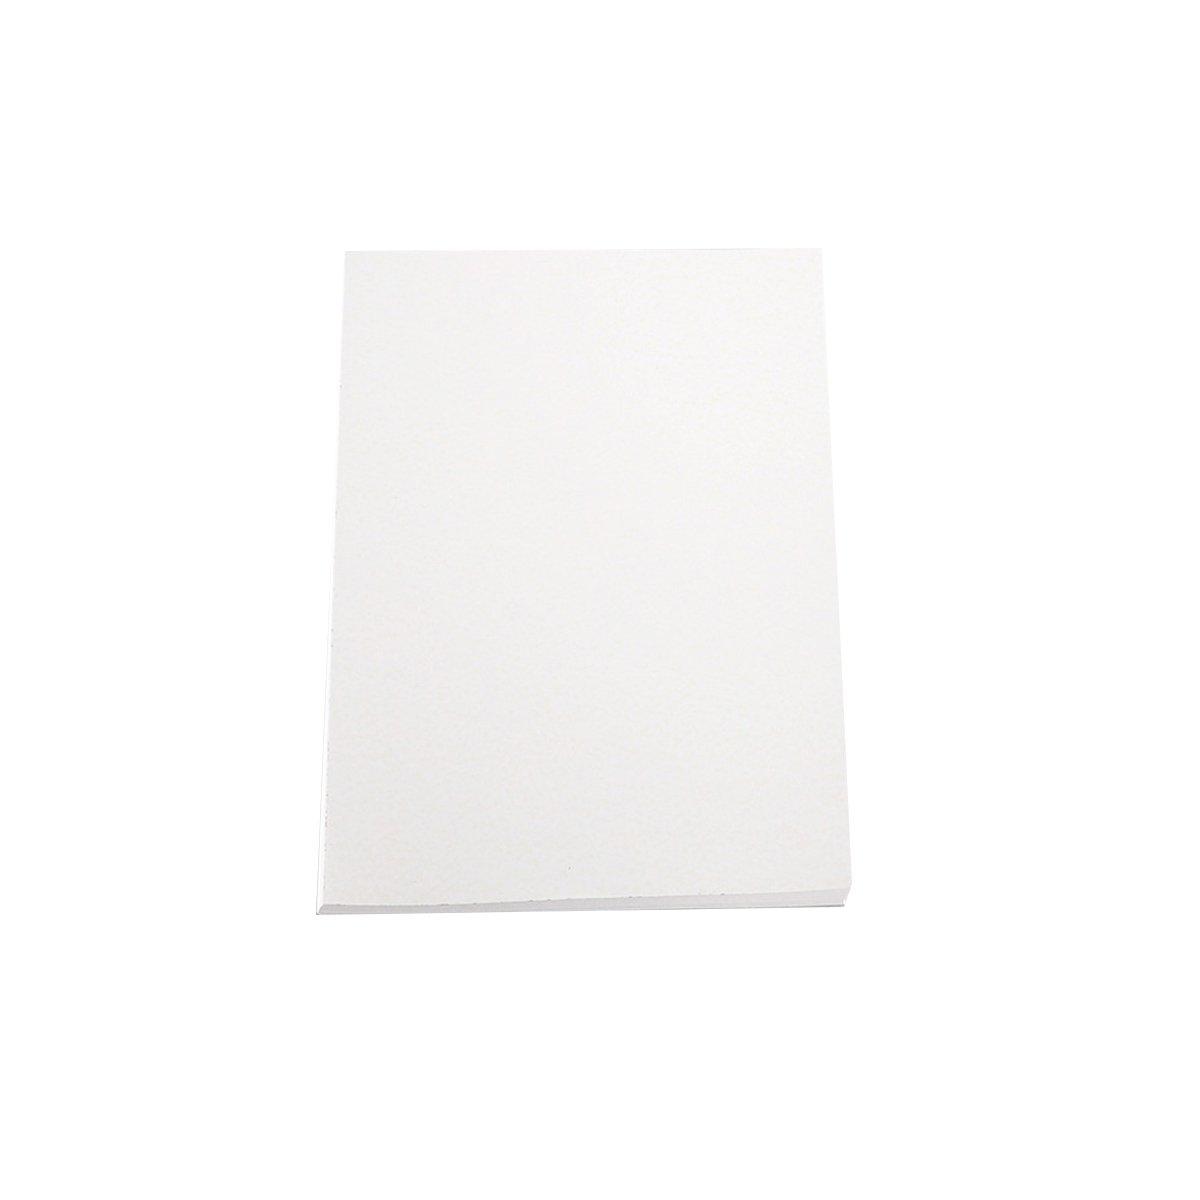 Wei/ß 50 St/ück Healifty Transferpapier A4